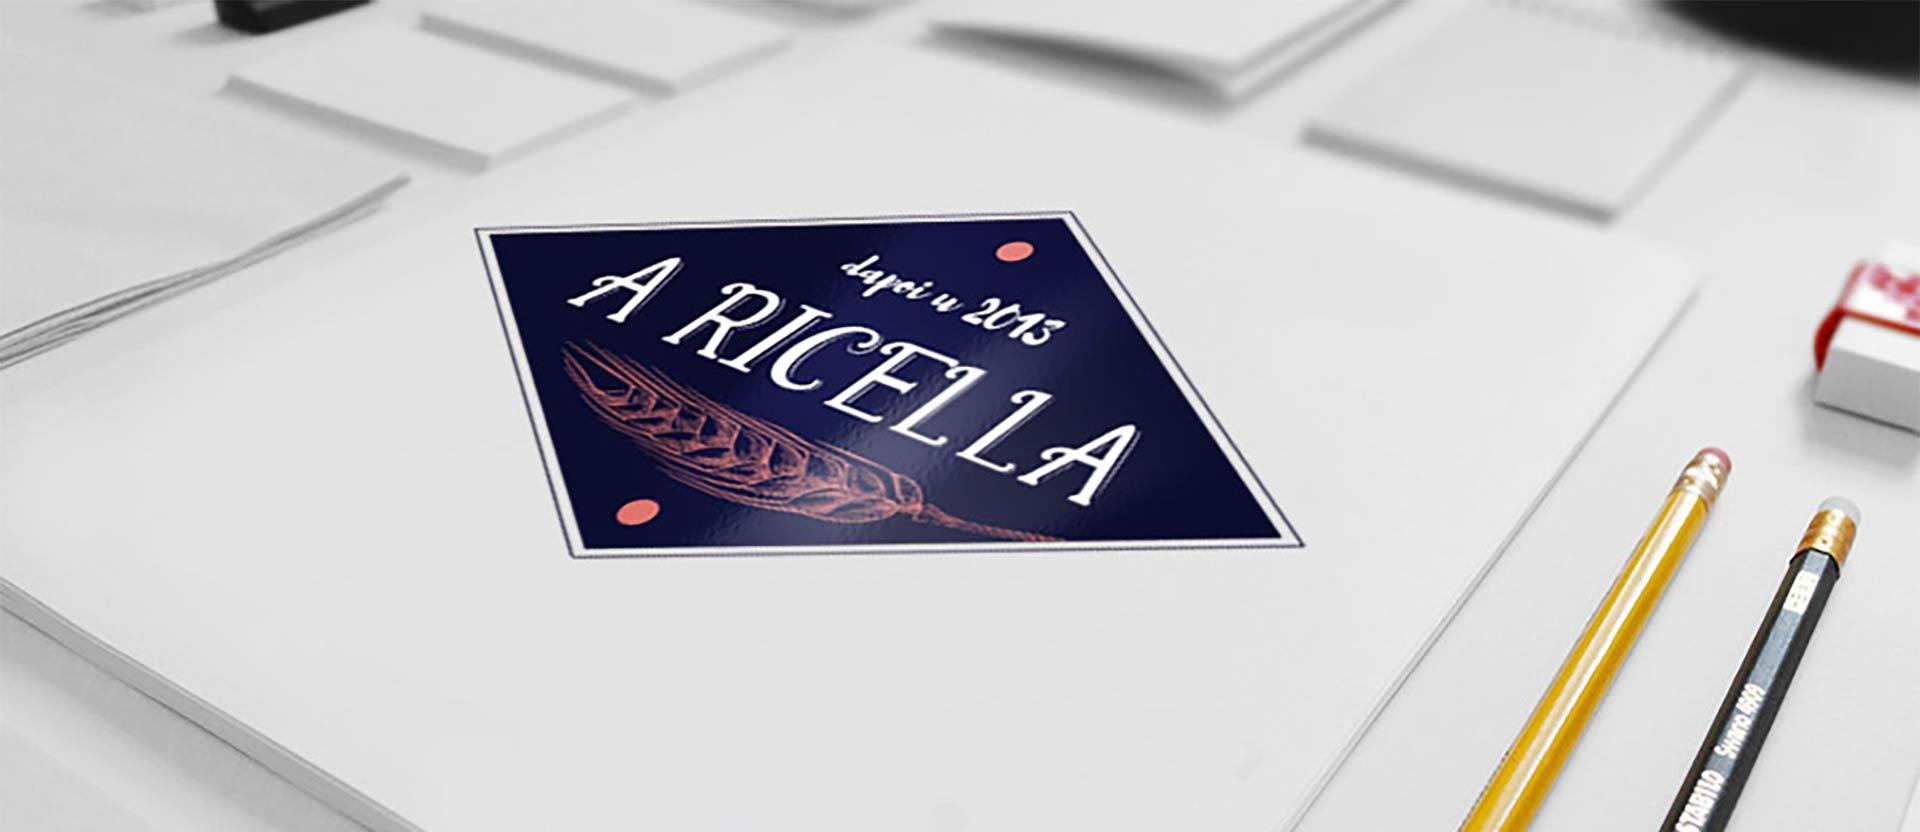 creation-logo-a-ricella-corse